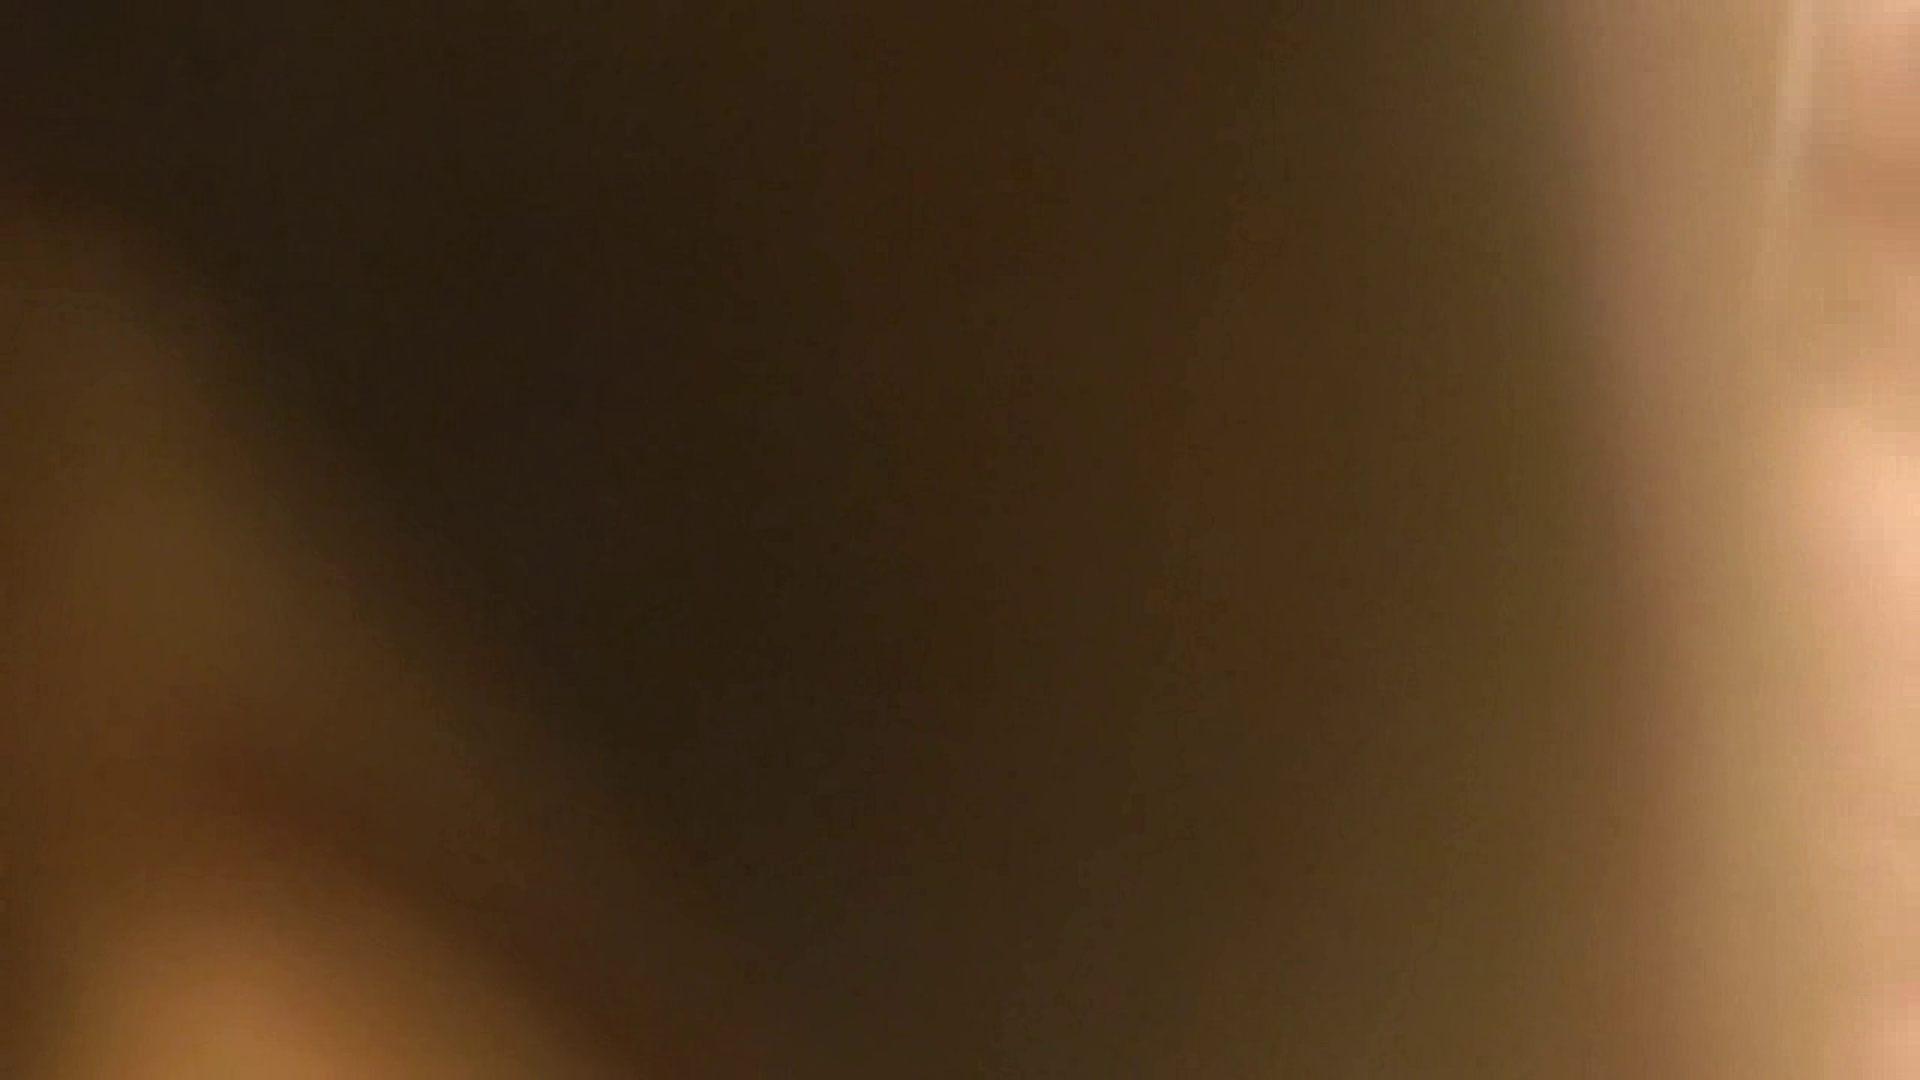 vol.1 Mayumi 窓越しに入浴シーン撮影に成功 OL   入浴シーン  89連発 22